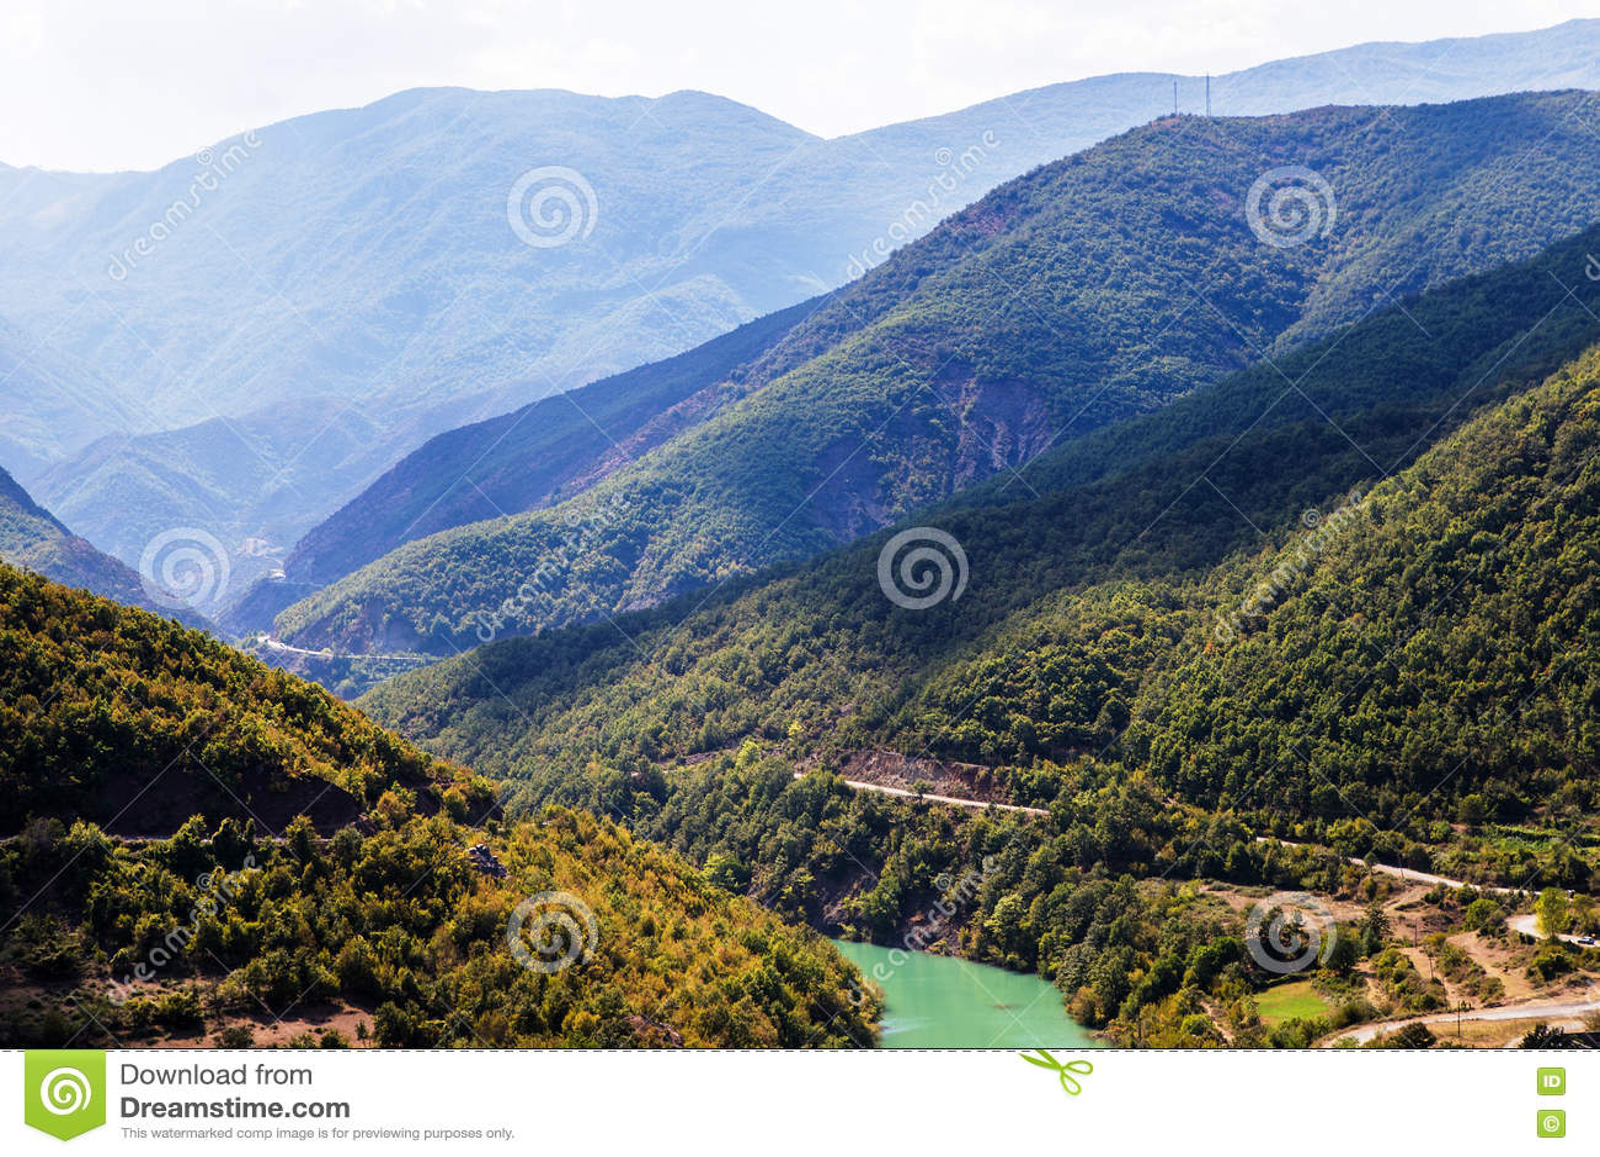 Liqueni/Ulzes river in Albania